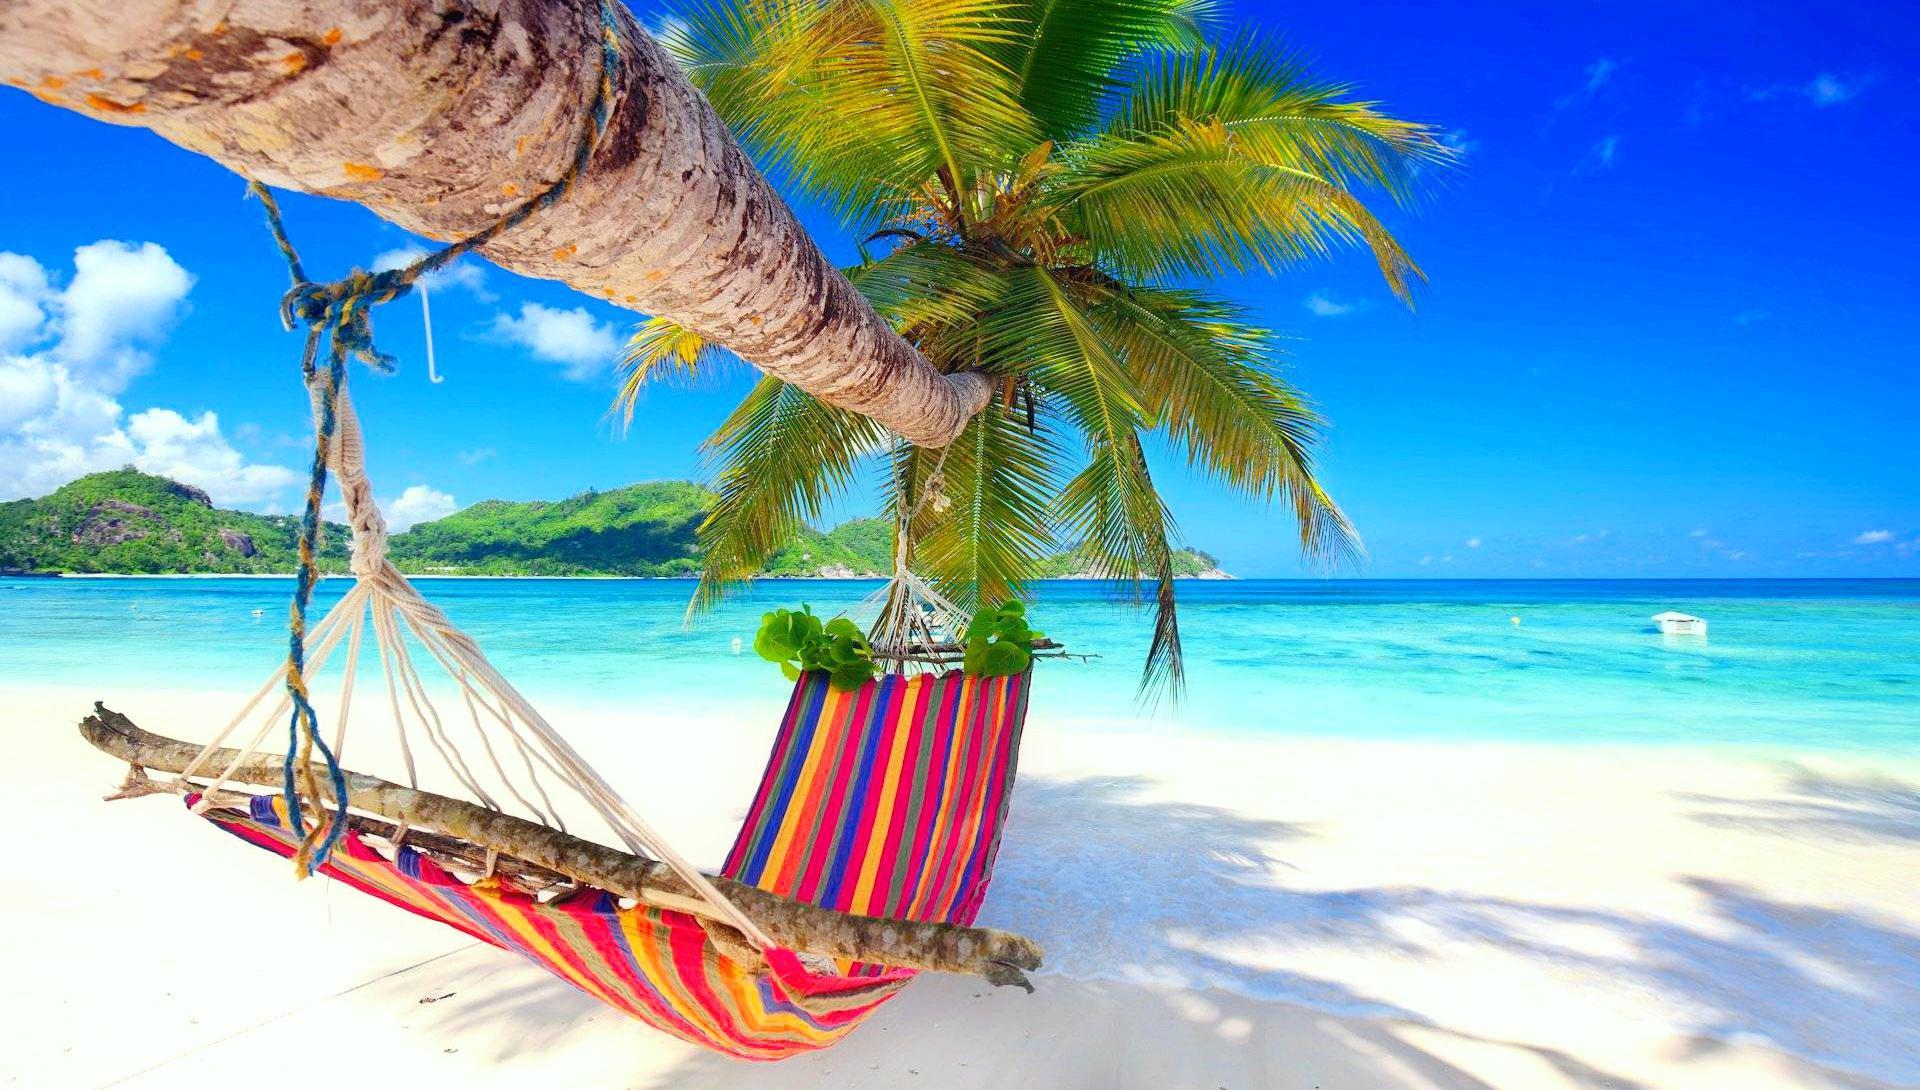 обои море, остров, пальма, пляж картинки фото